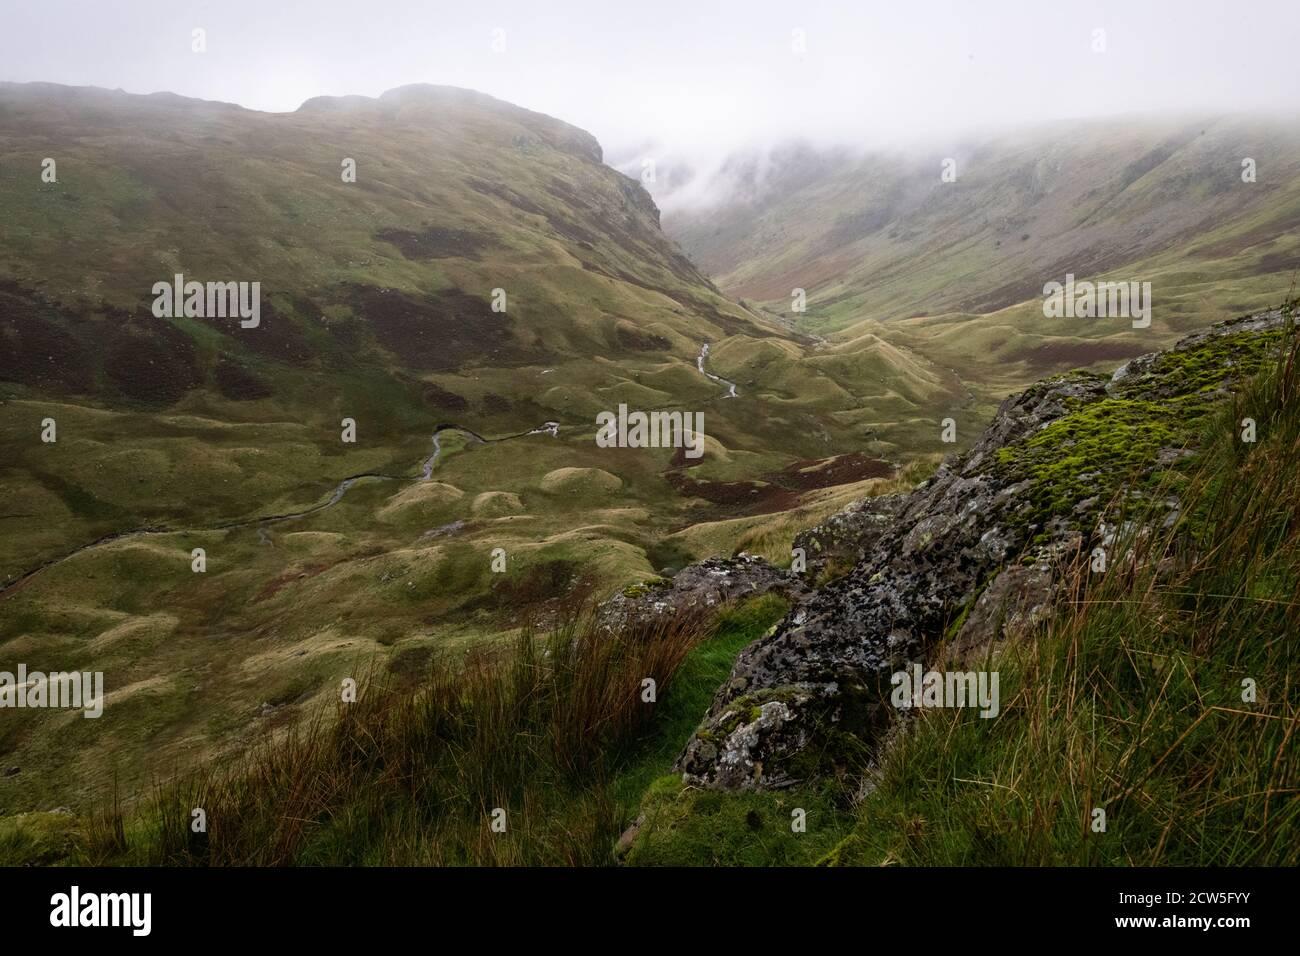 Drumlins - Blick vom Lining Crag von Greenup Gill Valley, Lake District, England, UK, Teil des Coast to Coast Walk Stockfoto